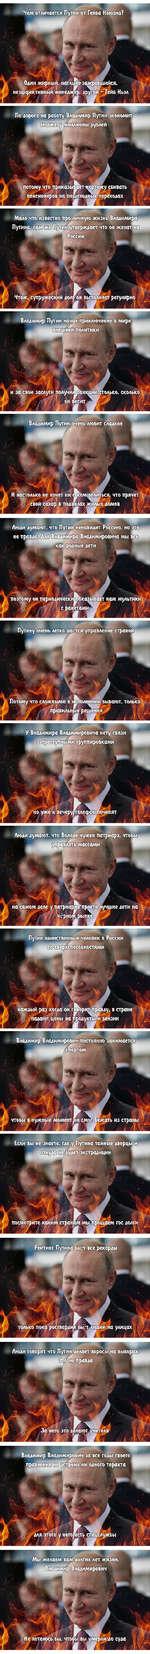 Чем отличается Путин от Гейва Иьюэла? По дороге на равоту Владимир Путин экономит! ^^бДДмиллионь! рувлей потому что приказ ы^т кошжу свивать пенсионеров на пе^ходД^Упереходах Мало что известно про личную жизнь Владимиру Путина^ам1же1Ш5гИн утверждает что он женат России Чтож, супружеский долЩ в